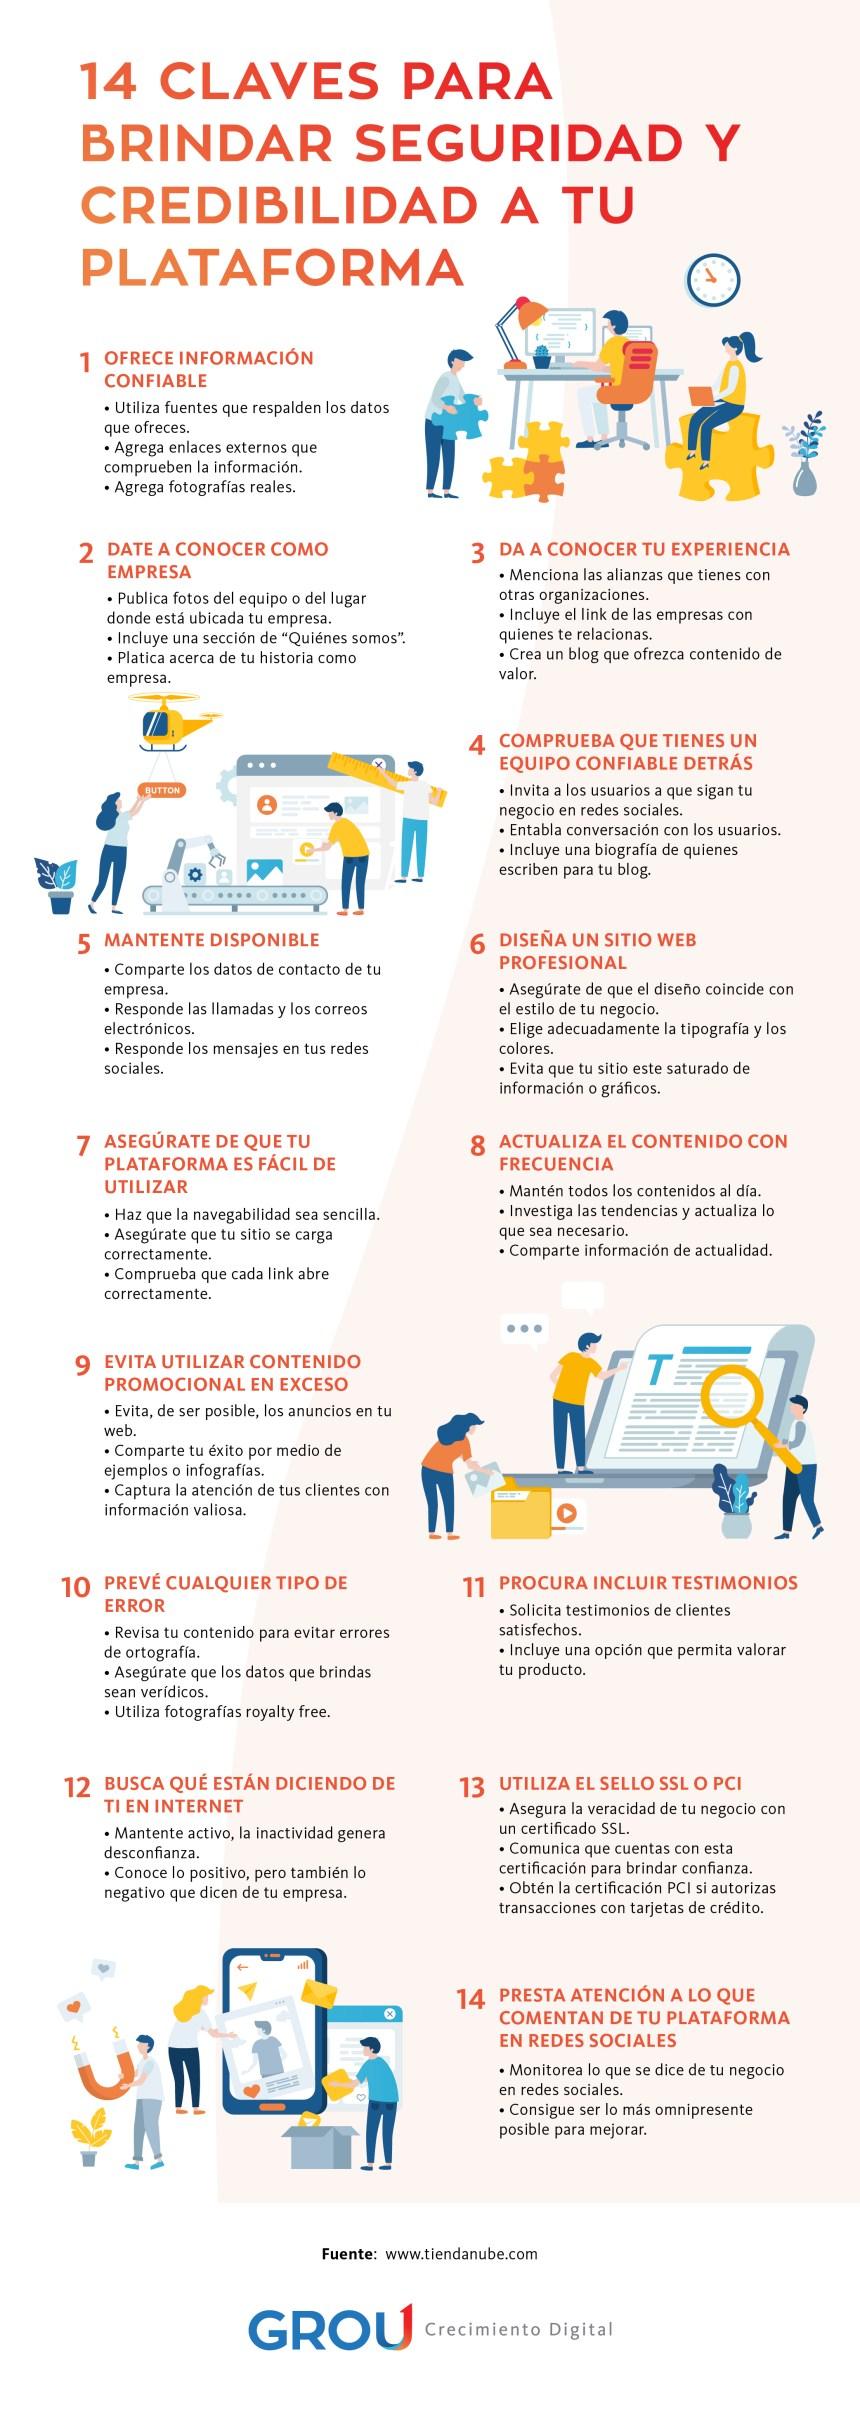 14 claves para la seguridad y credibilidad de tu plataforma online